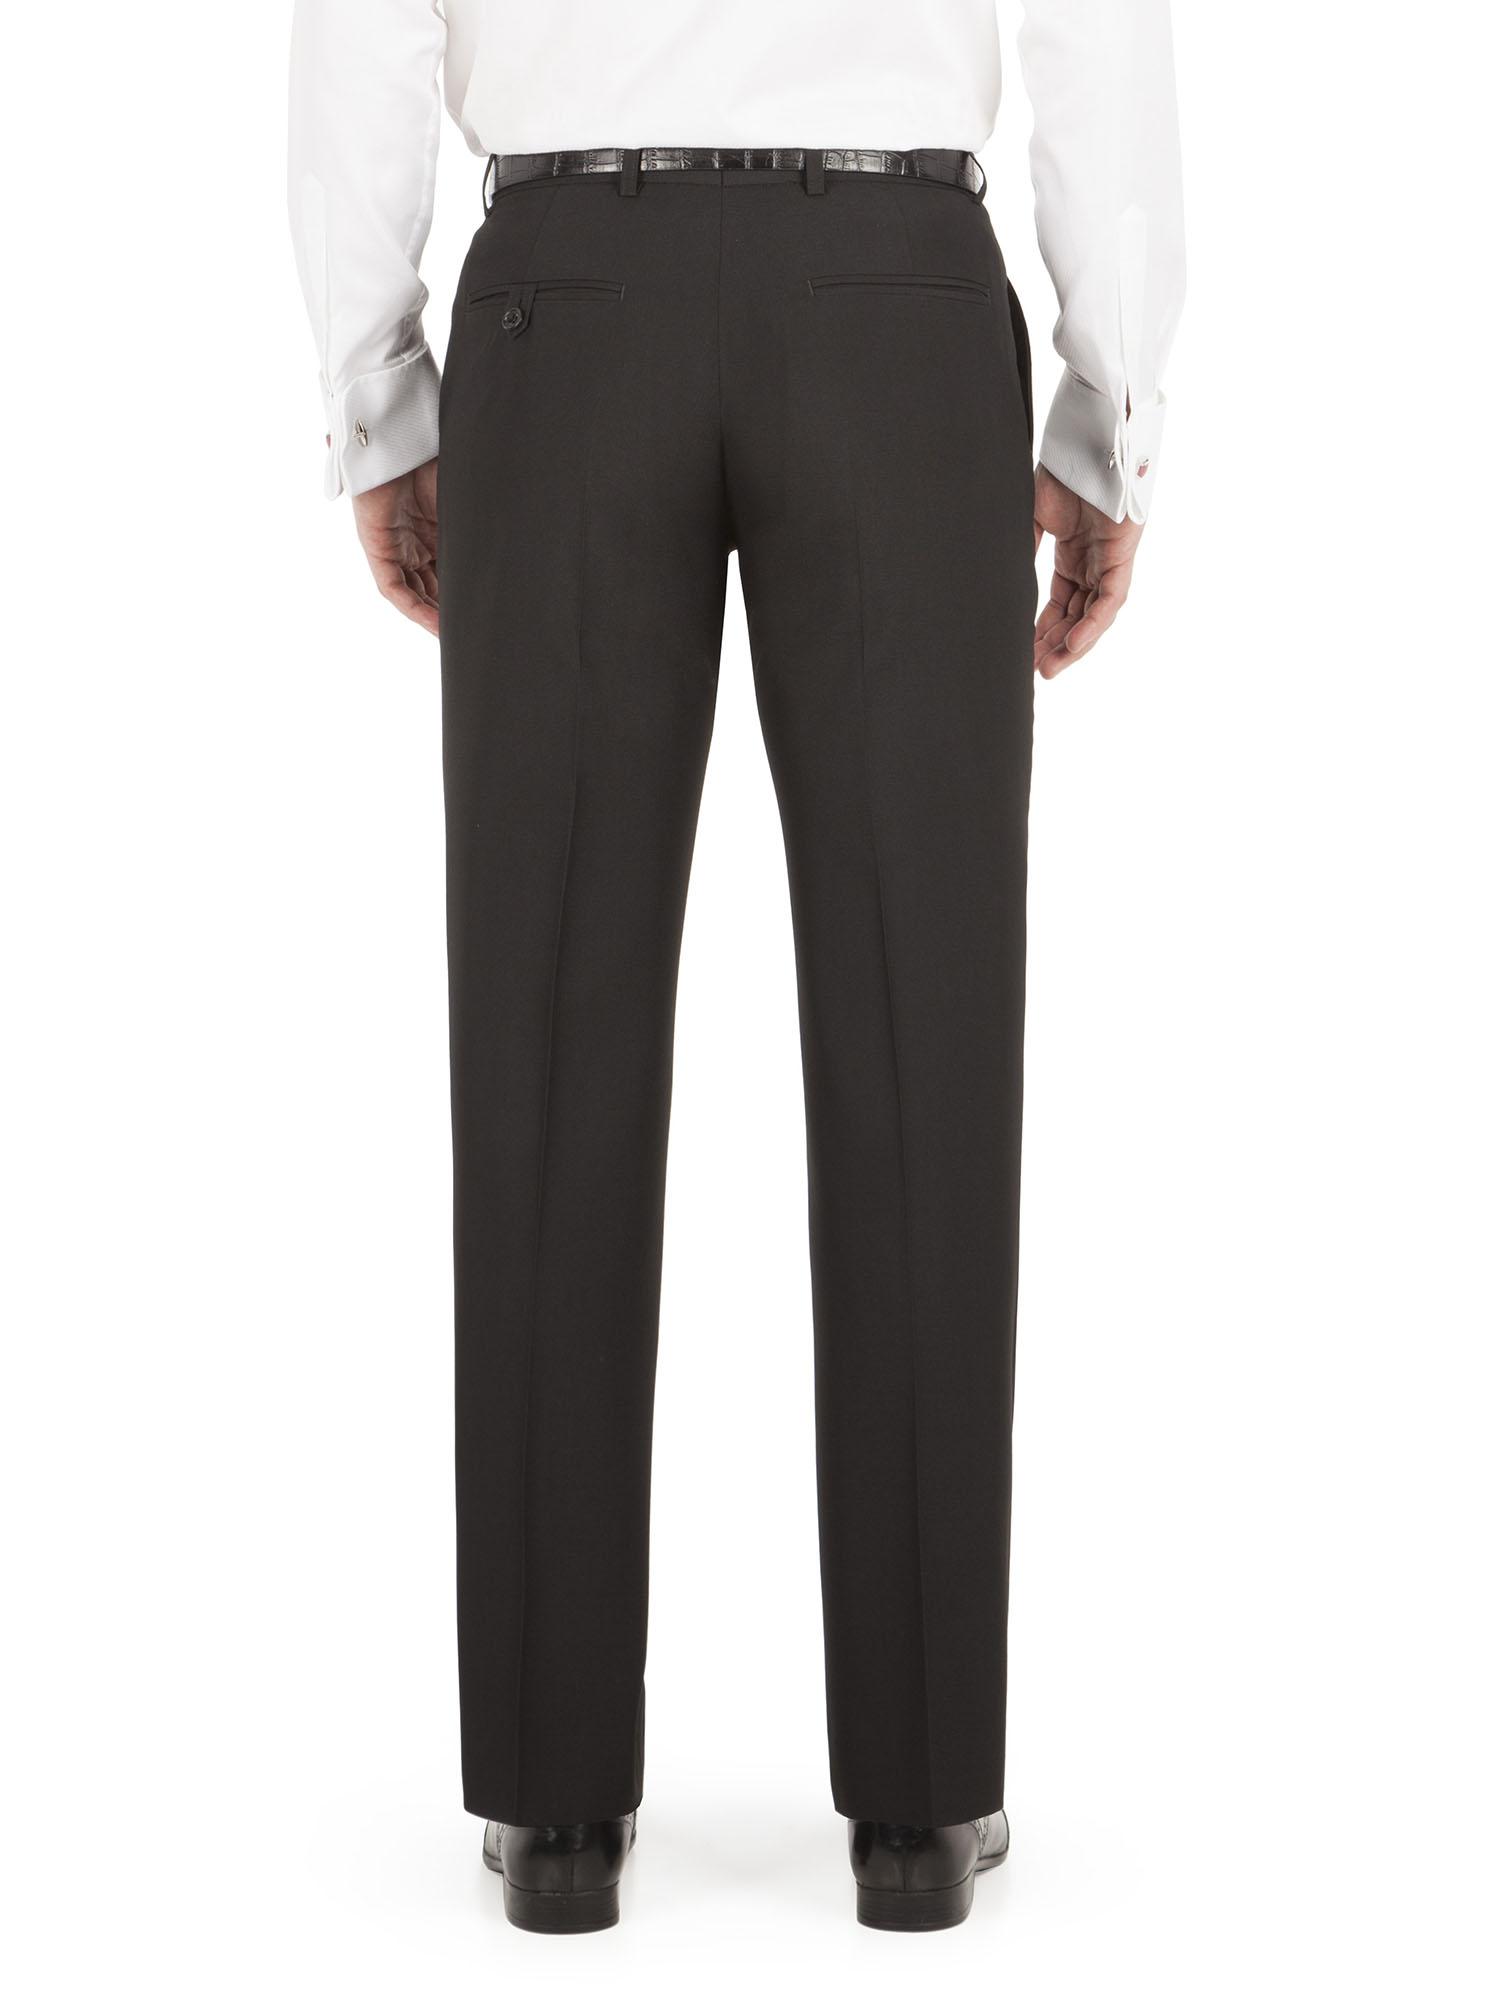 Alex 2 Button Plain Black Suit - Alexandre London - Two Piece ...